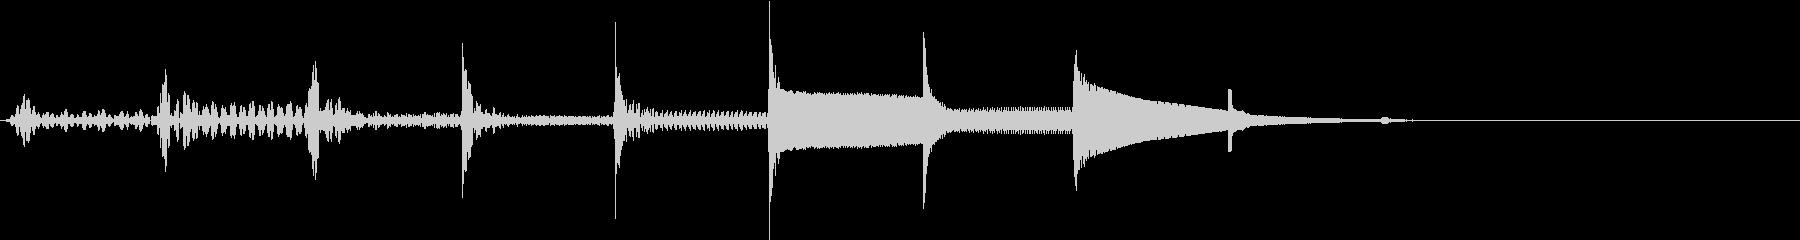 考える音の未再生の波形